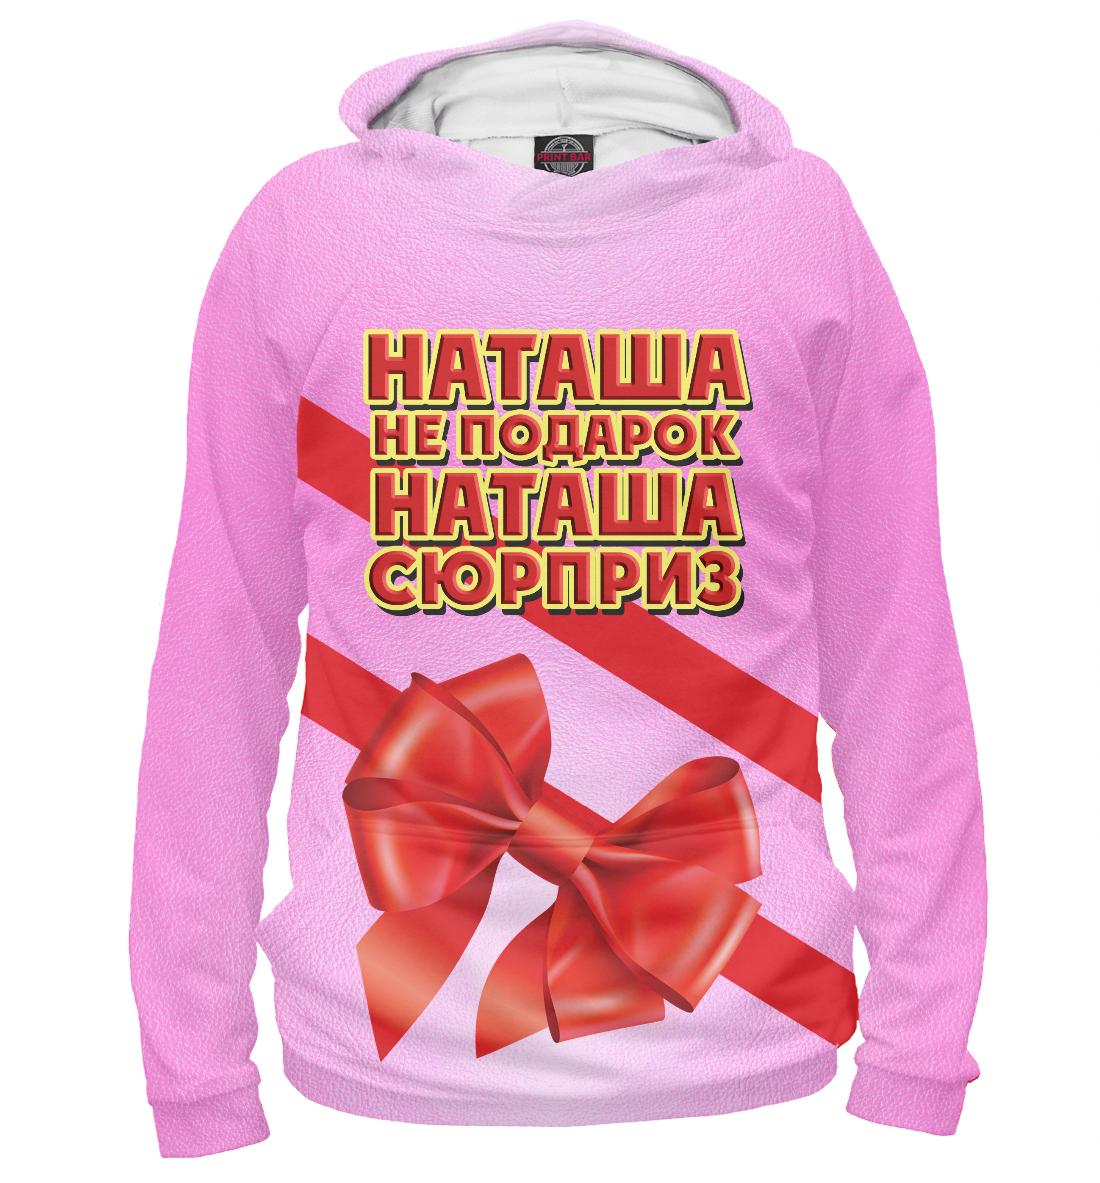 Купить Наташа не подарок, Printbar, Худи, IMR-799361-hud-2